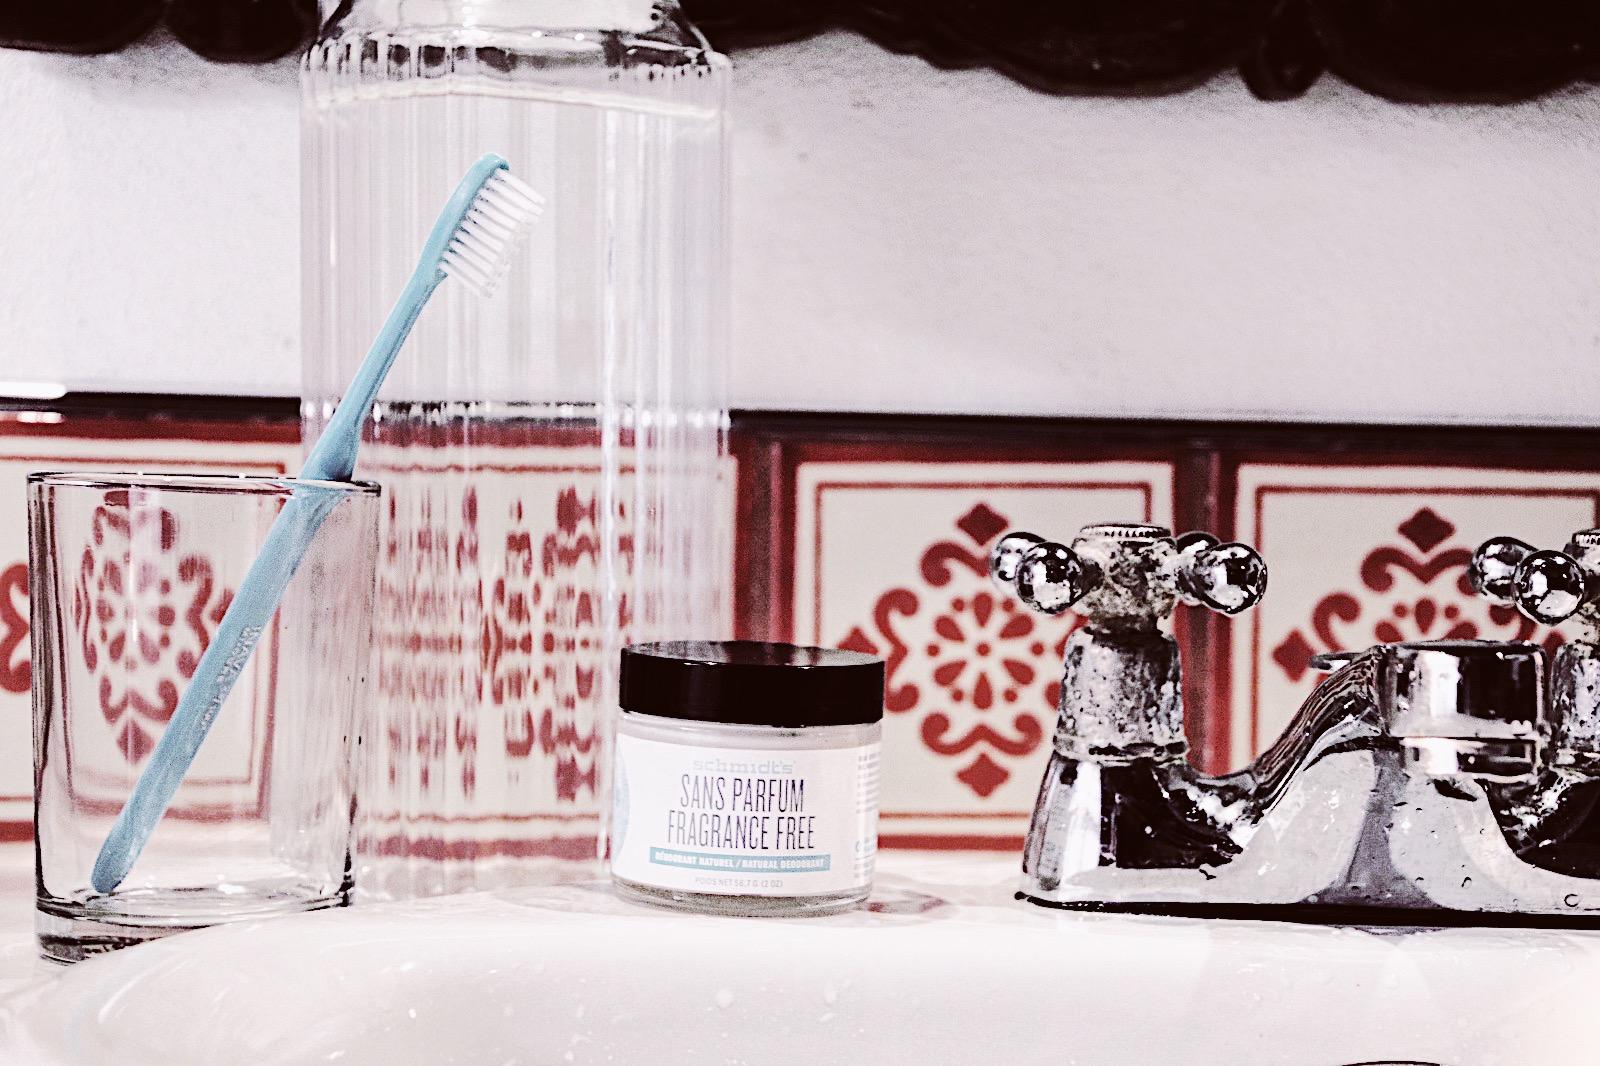 schmidt's deodorant naturel avis test